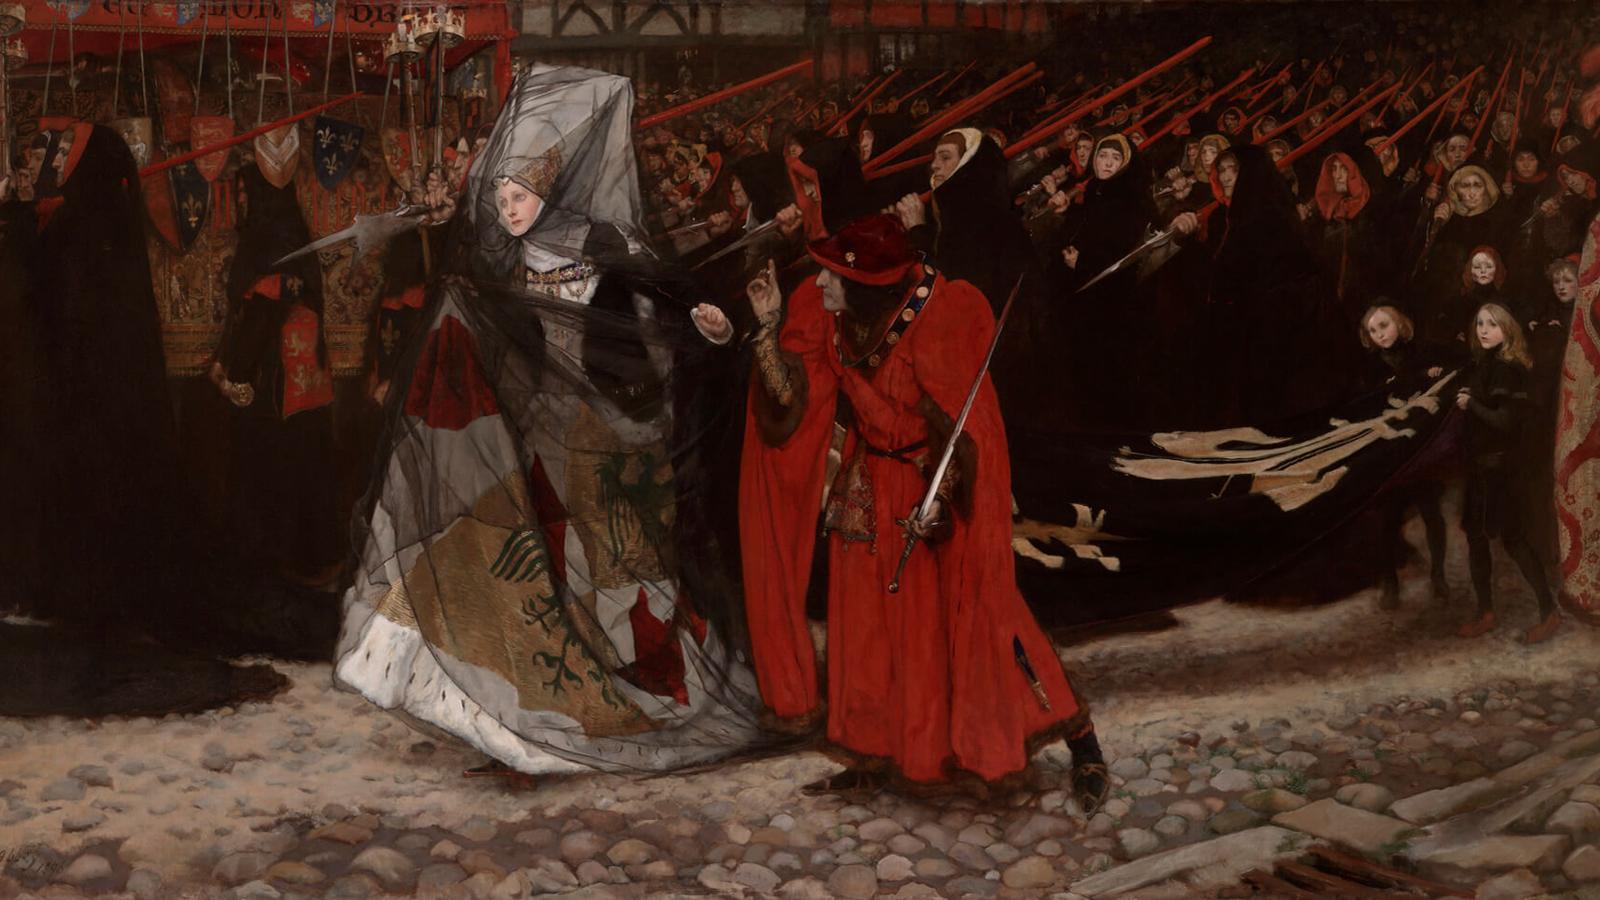 Richard III, Abbey's Shakespeare paintings